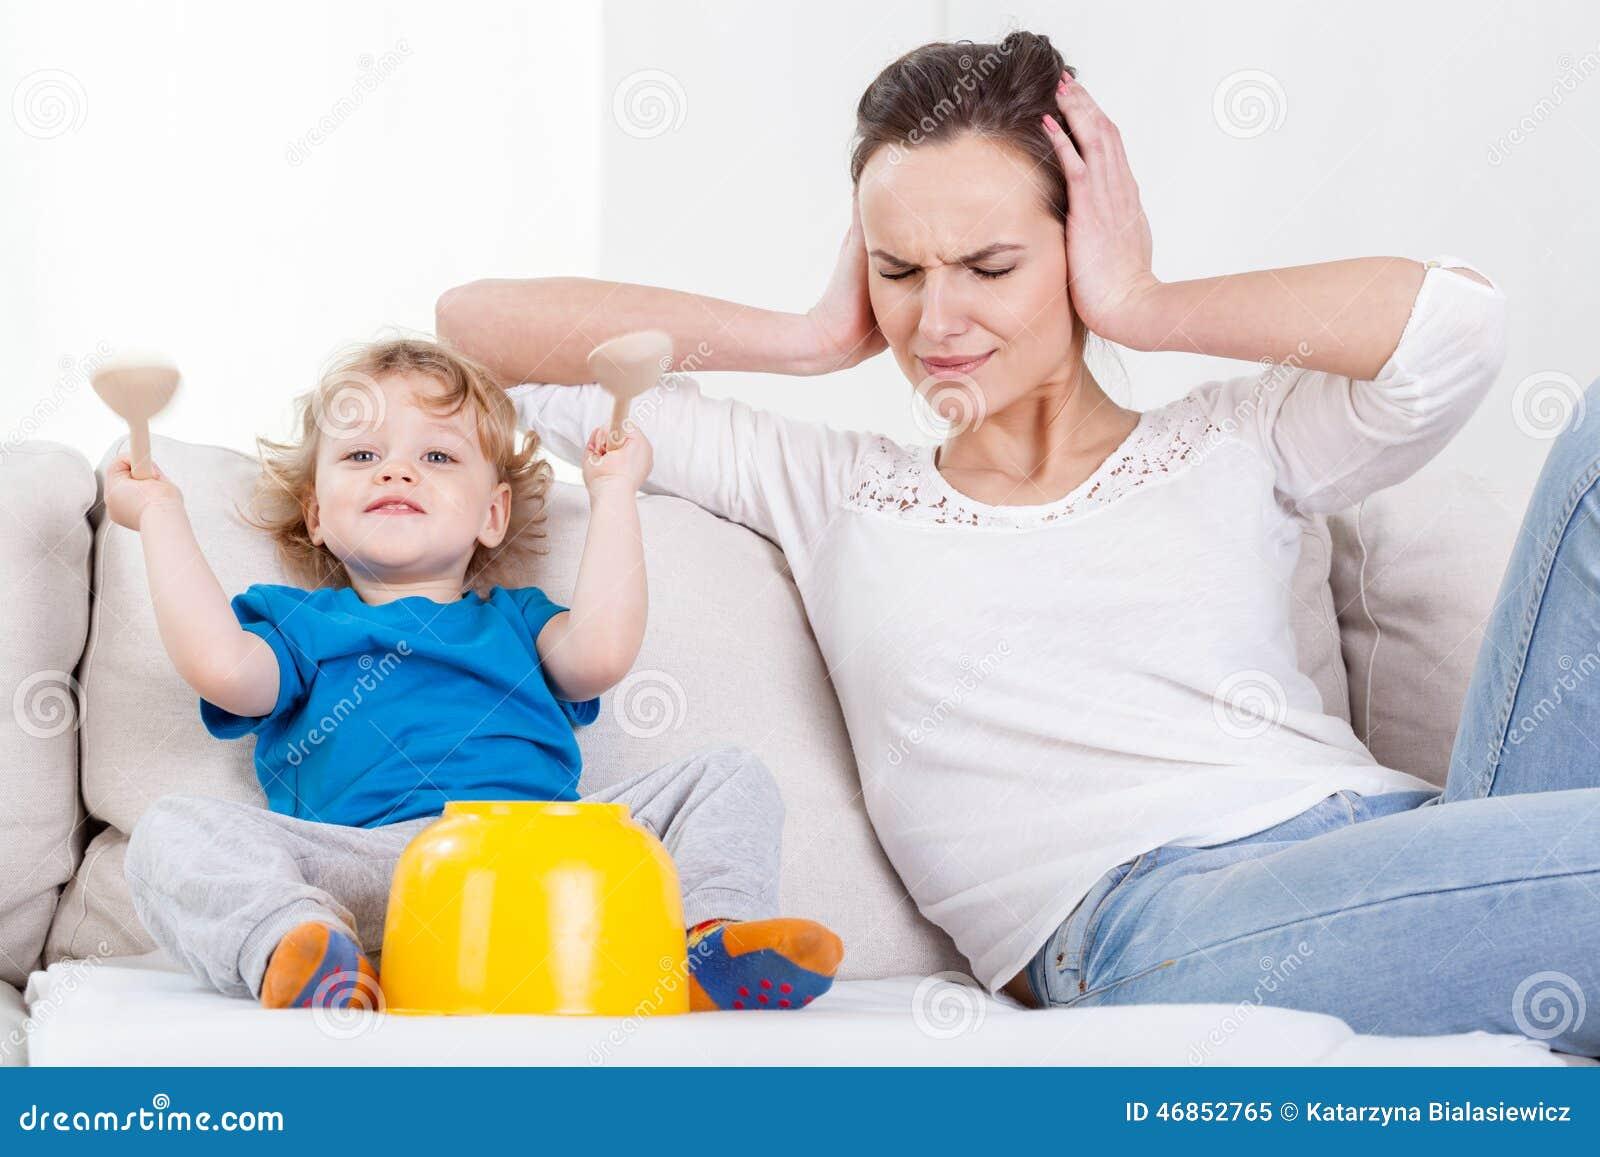 Matka i jej głośny dziecko